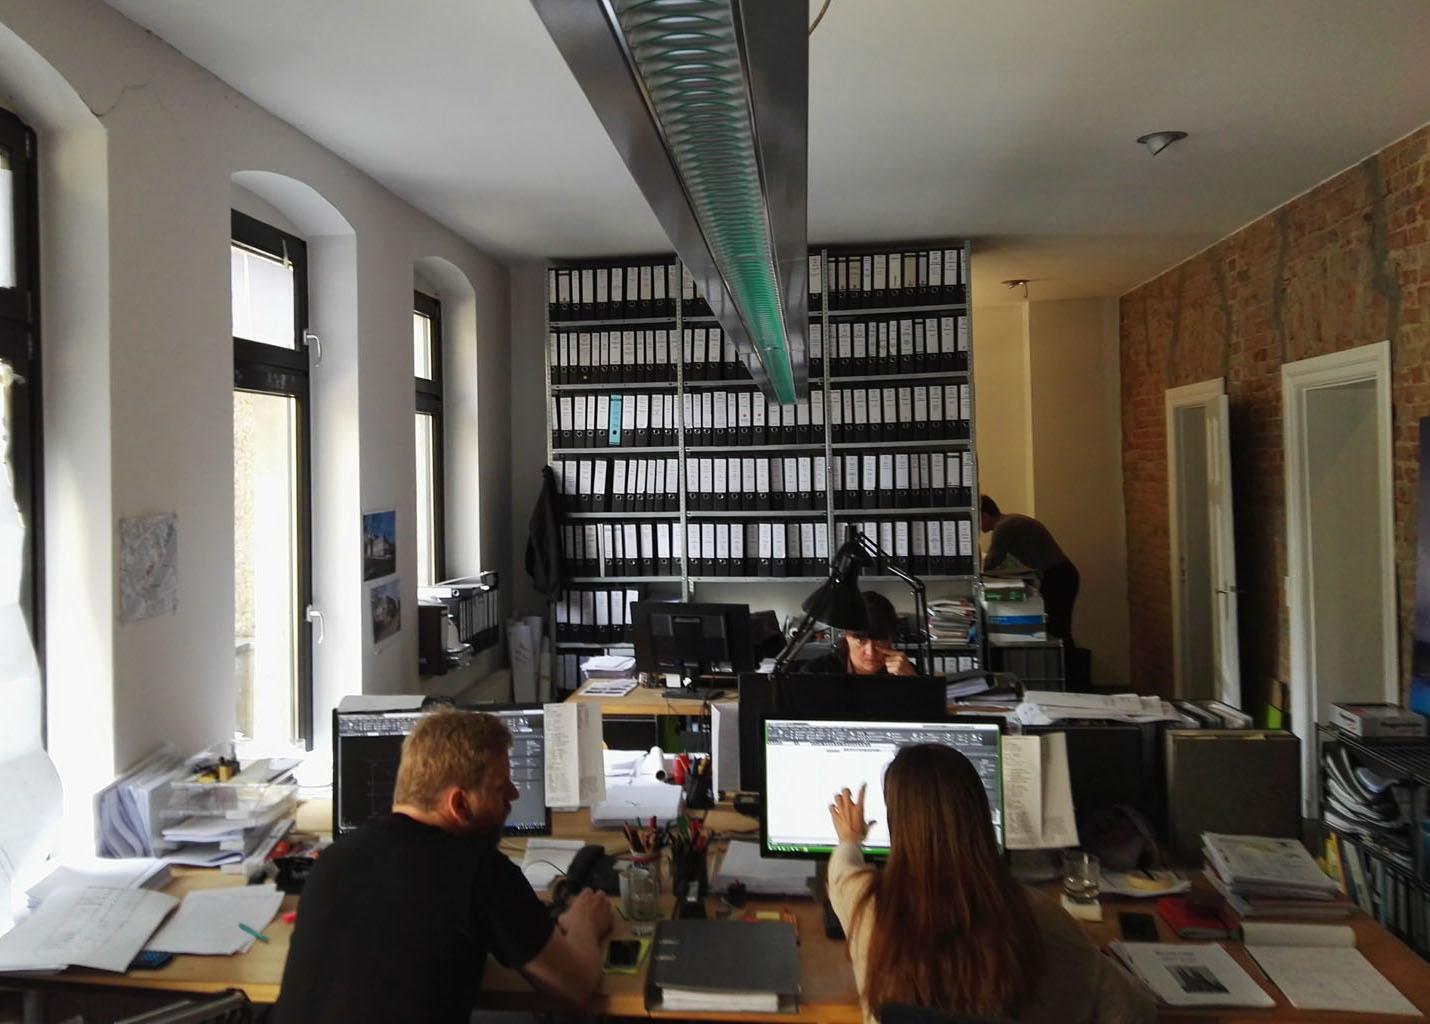 Jobs Alten Architekten Berlin